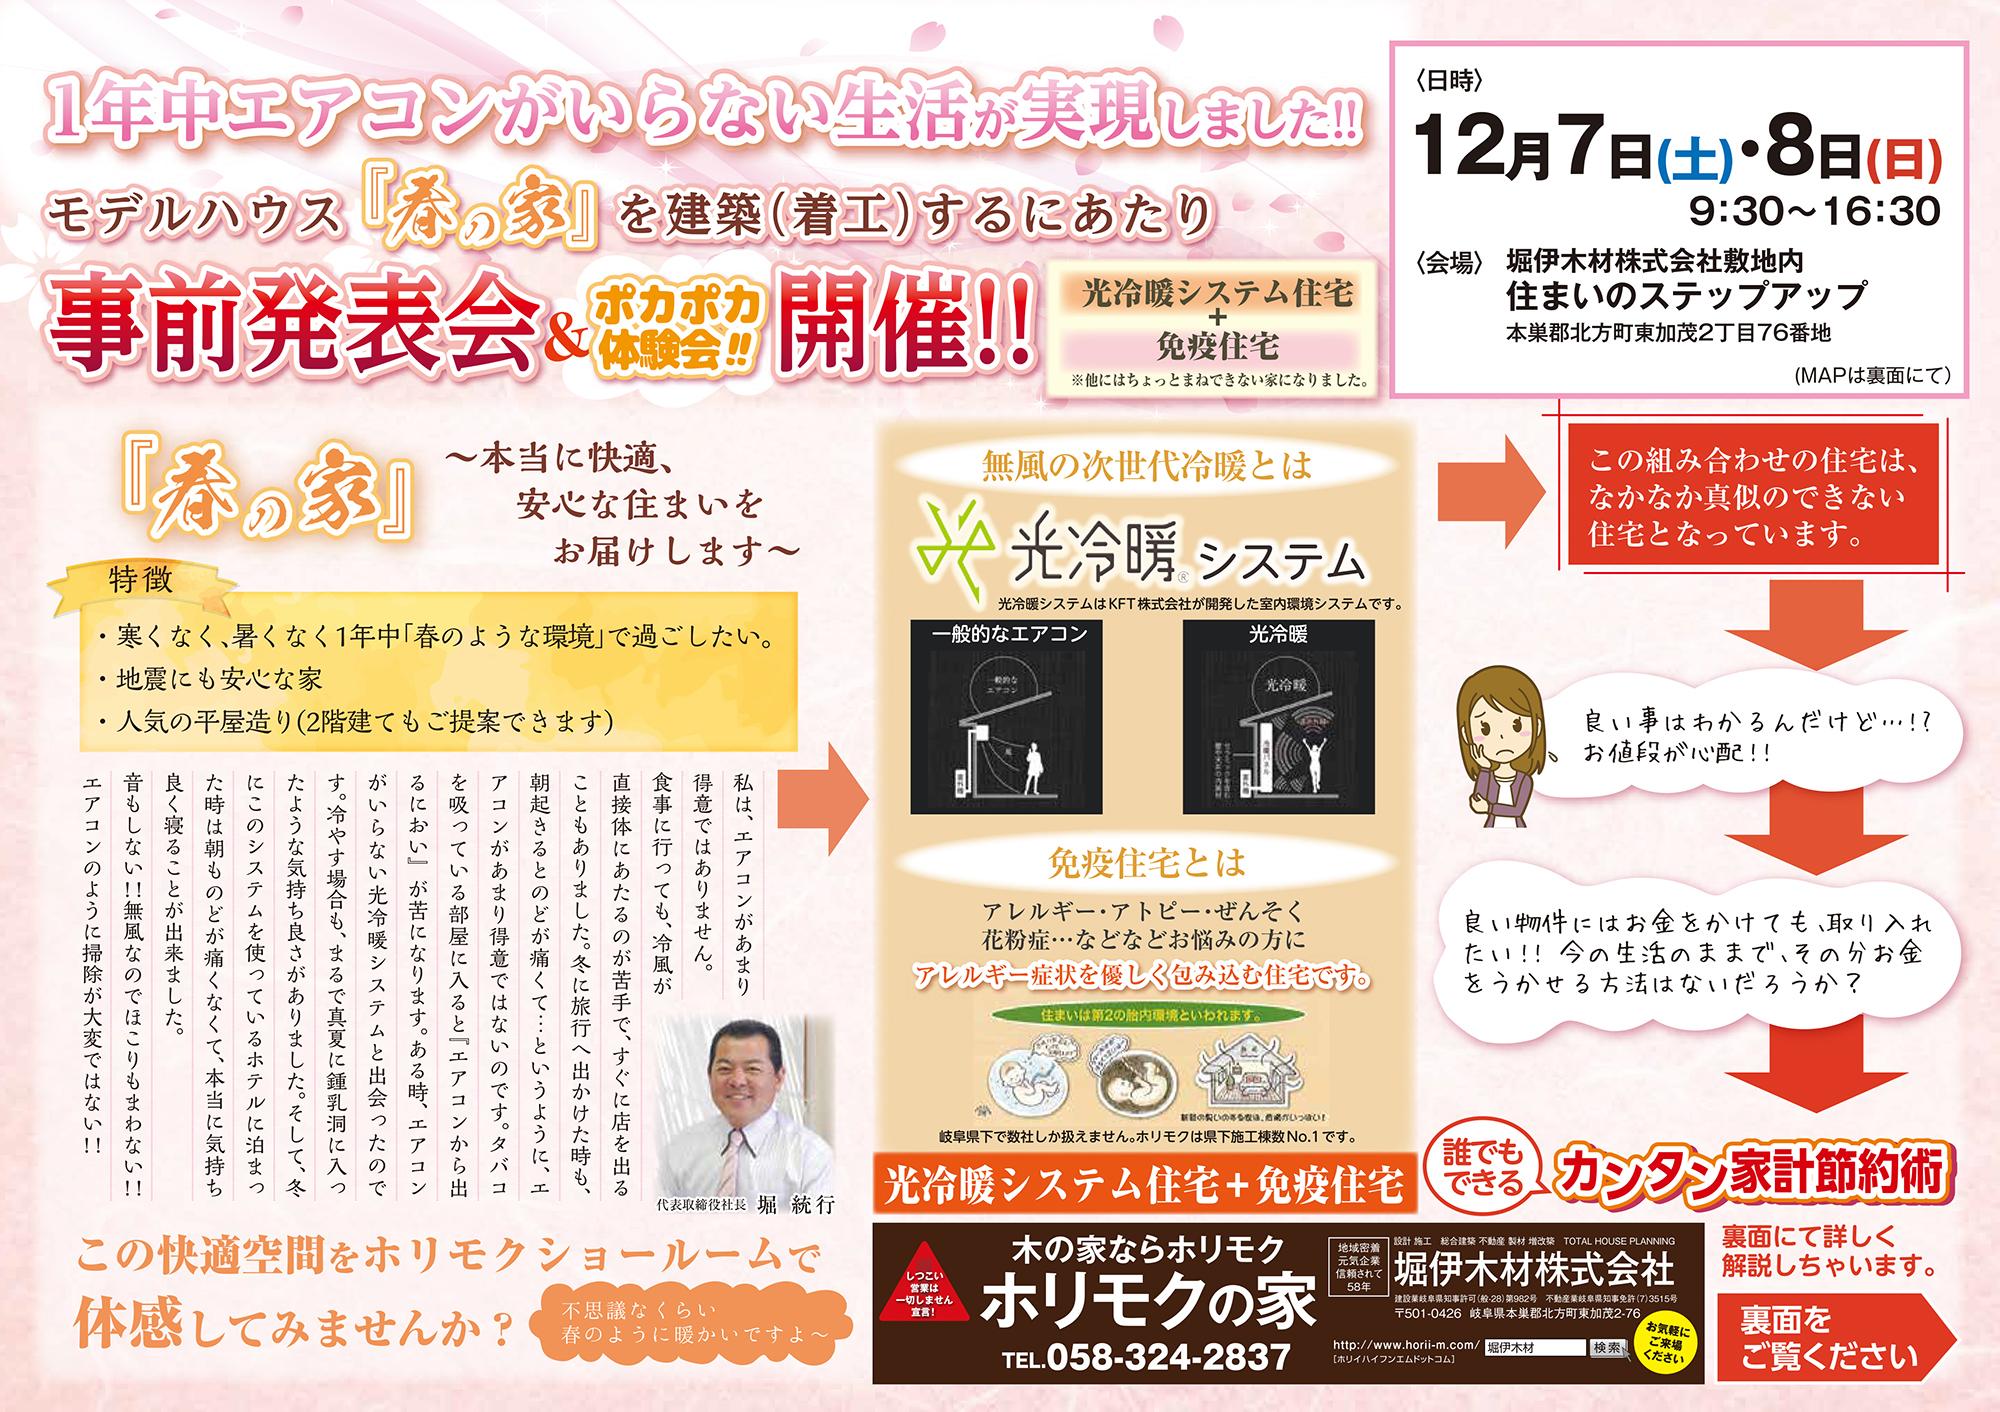 12月7日・8日モデルハウス『春の家』事前発表会&ポカポカ 体験会